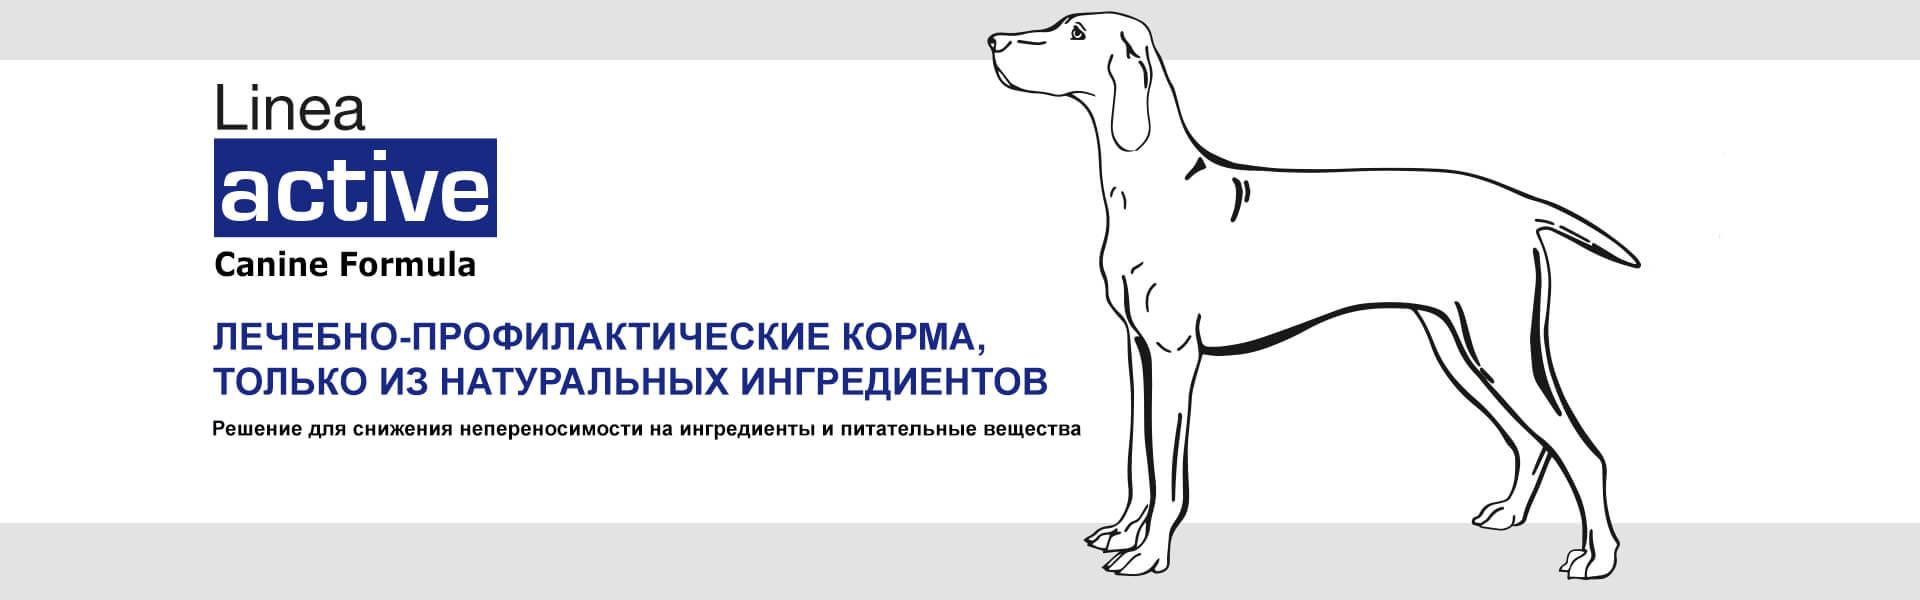 Банер линии FORZA10 ACTIVE для собак